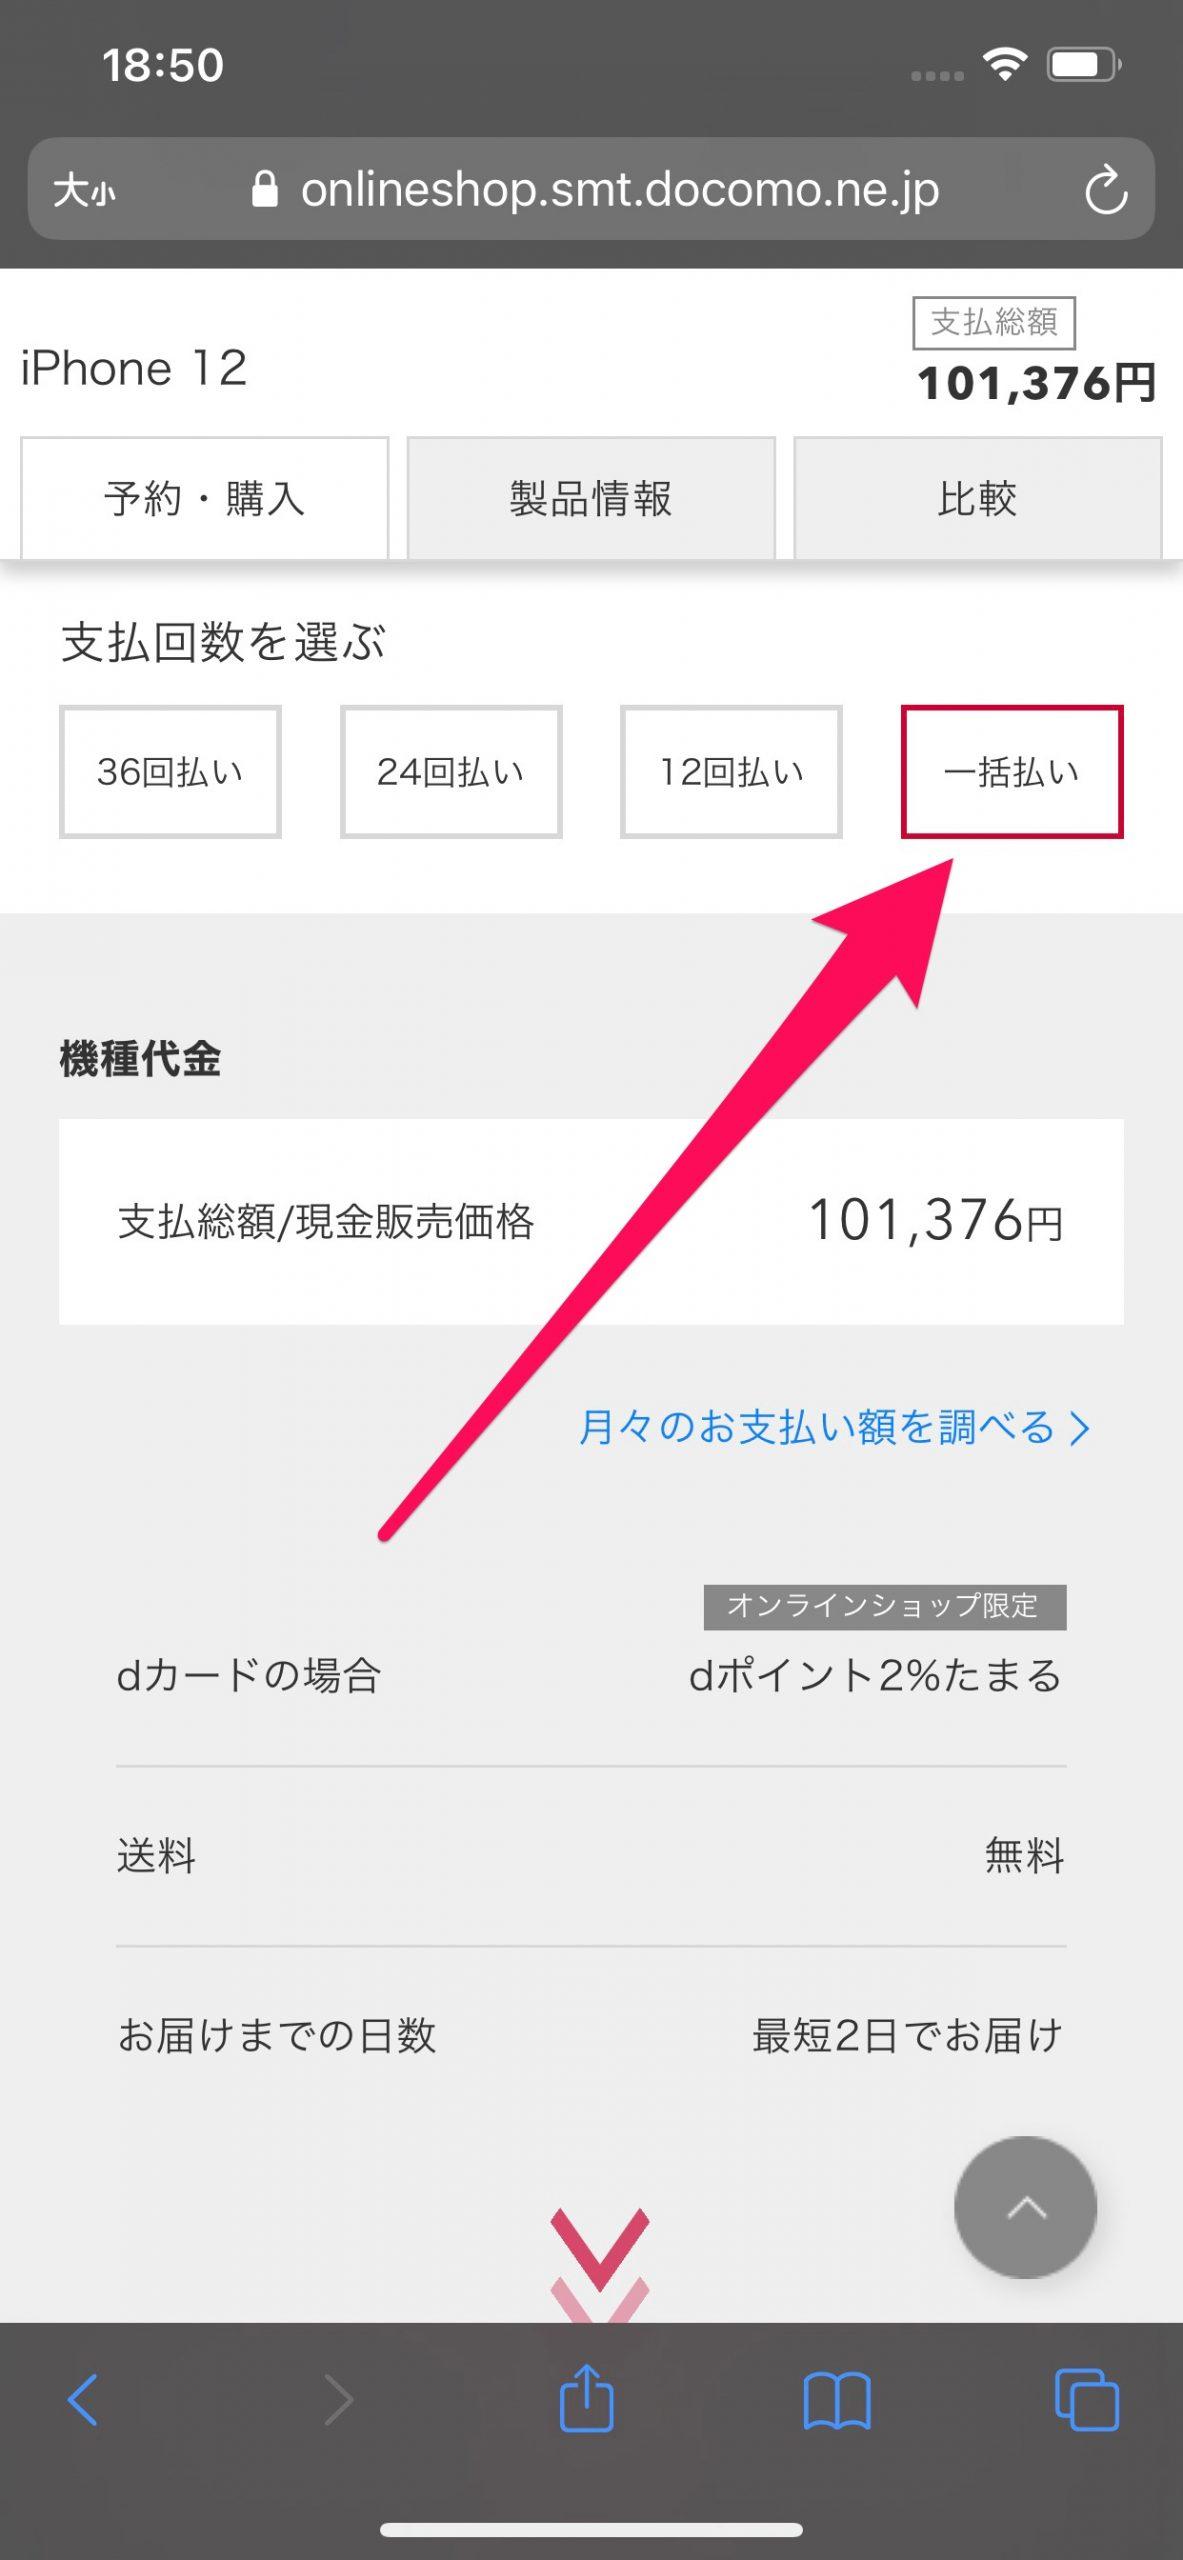 ドコモのiPhone 12購入画面4